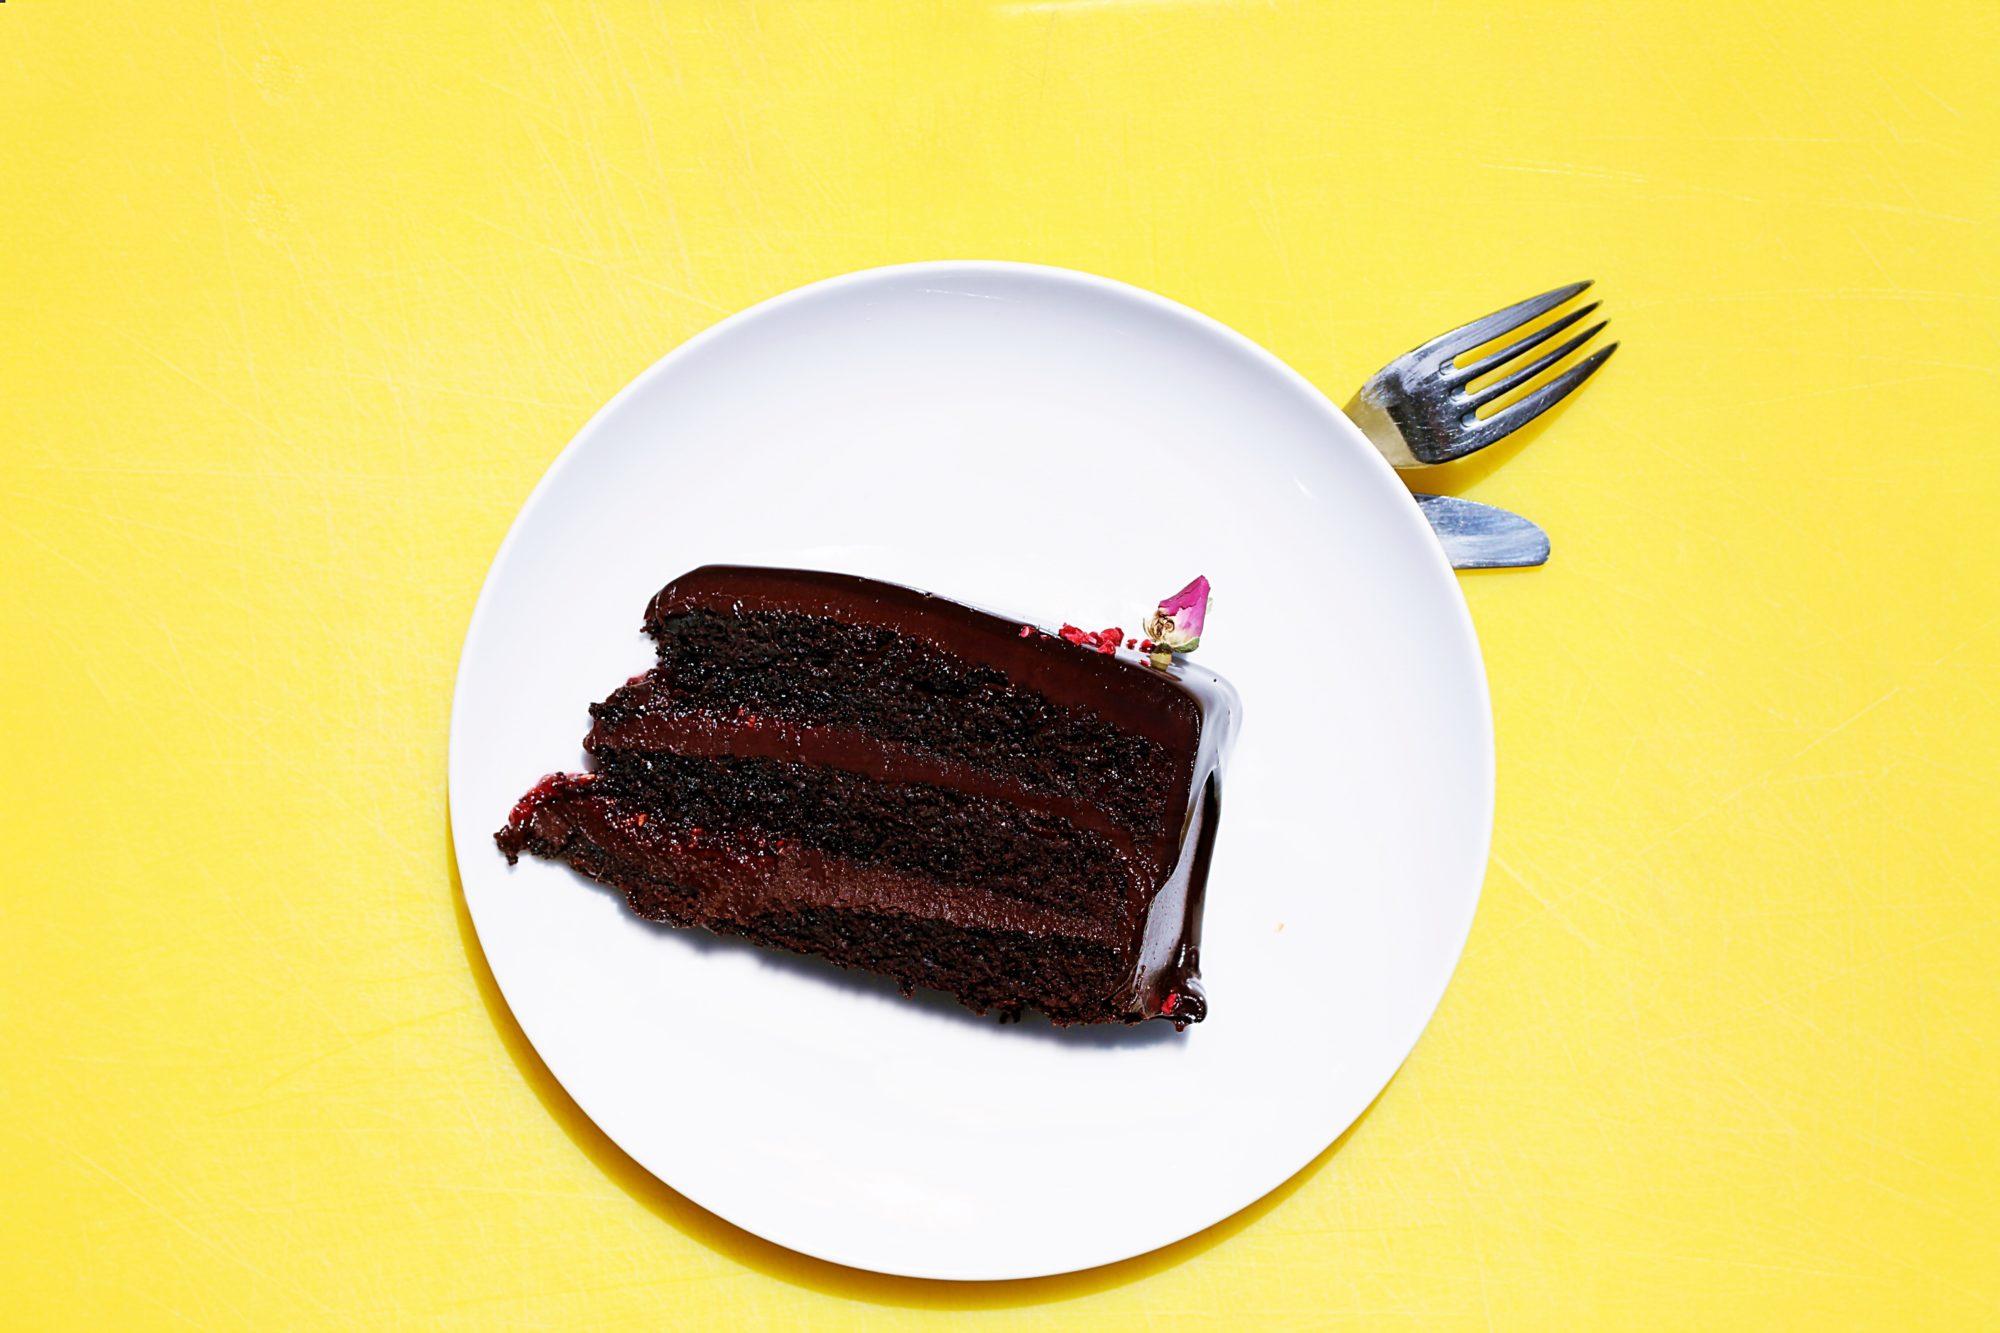 Pyszne ciasto czekoladowe, gotowe w 60 minut